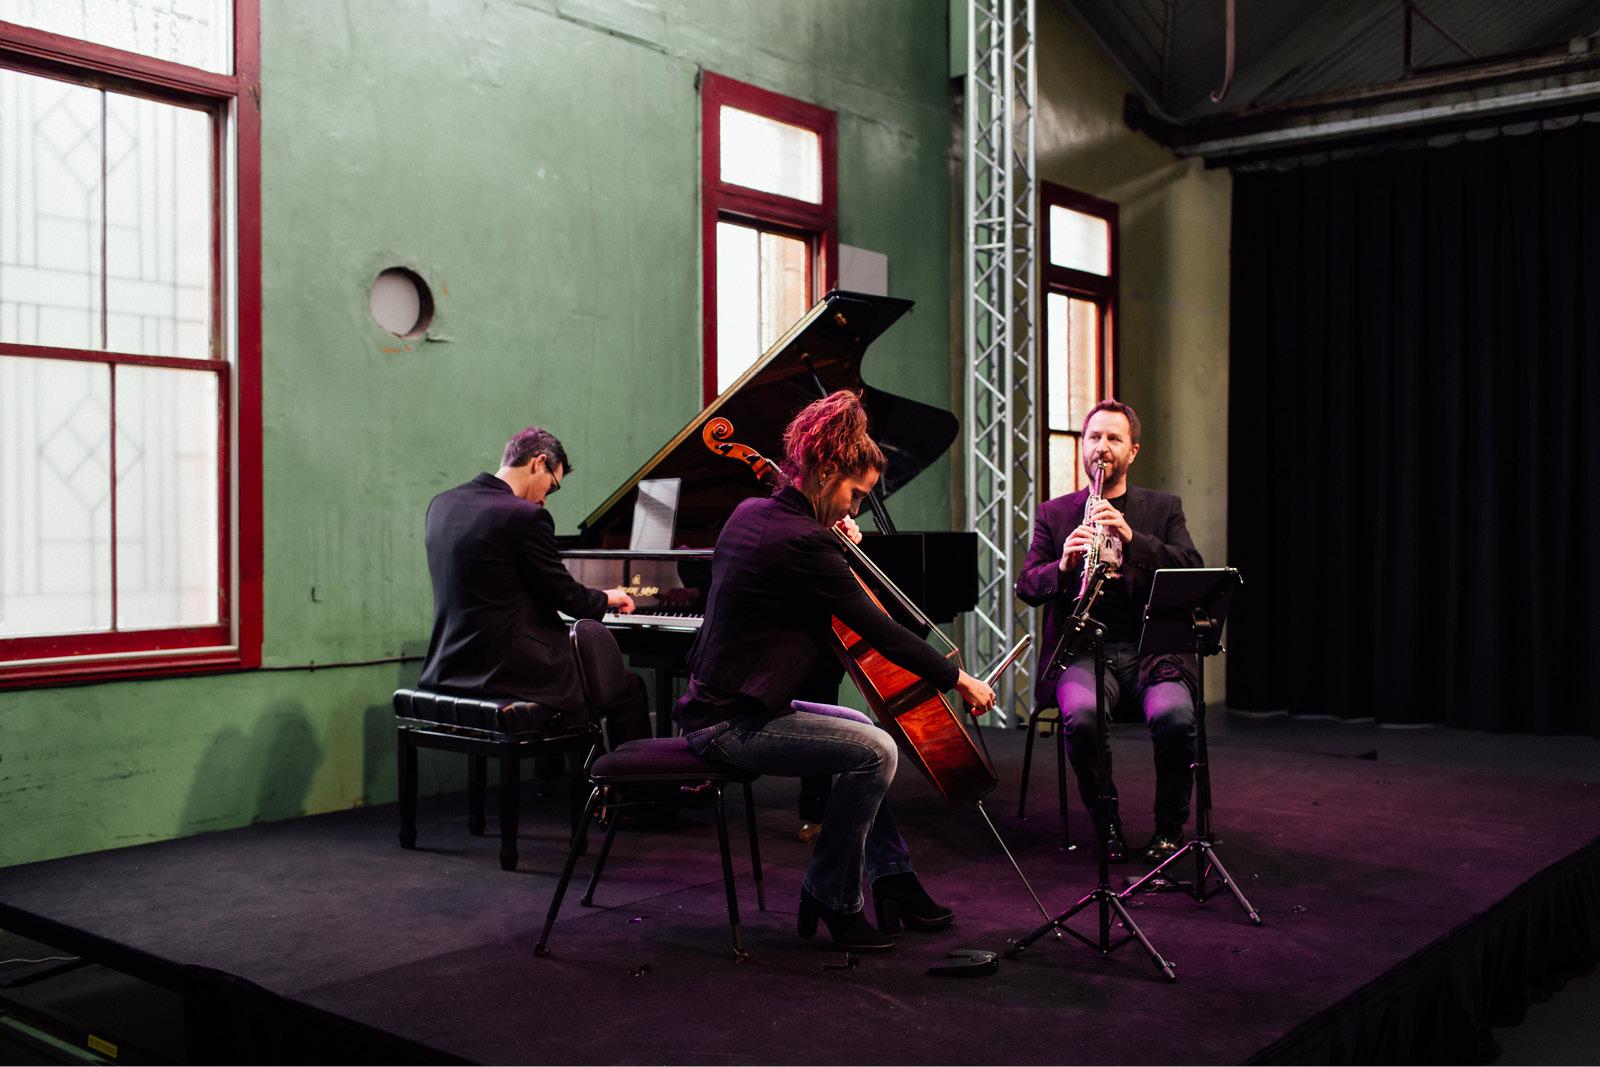 Ensemble Liaison at Abbotsford Convent